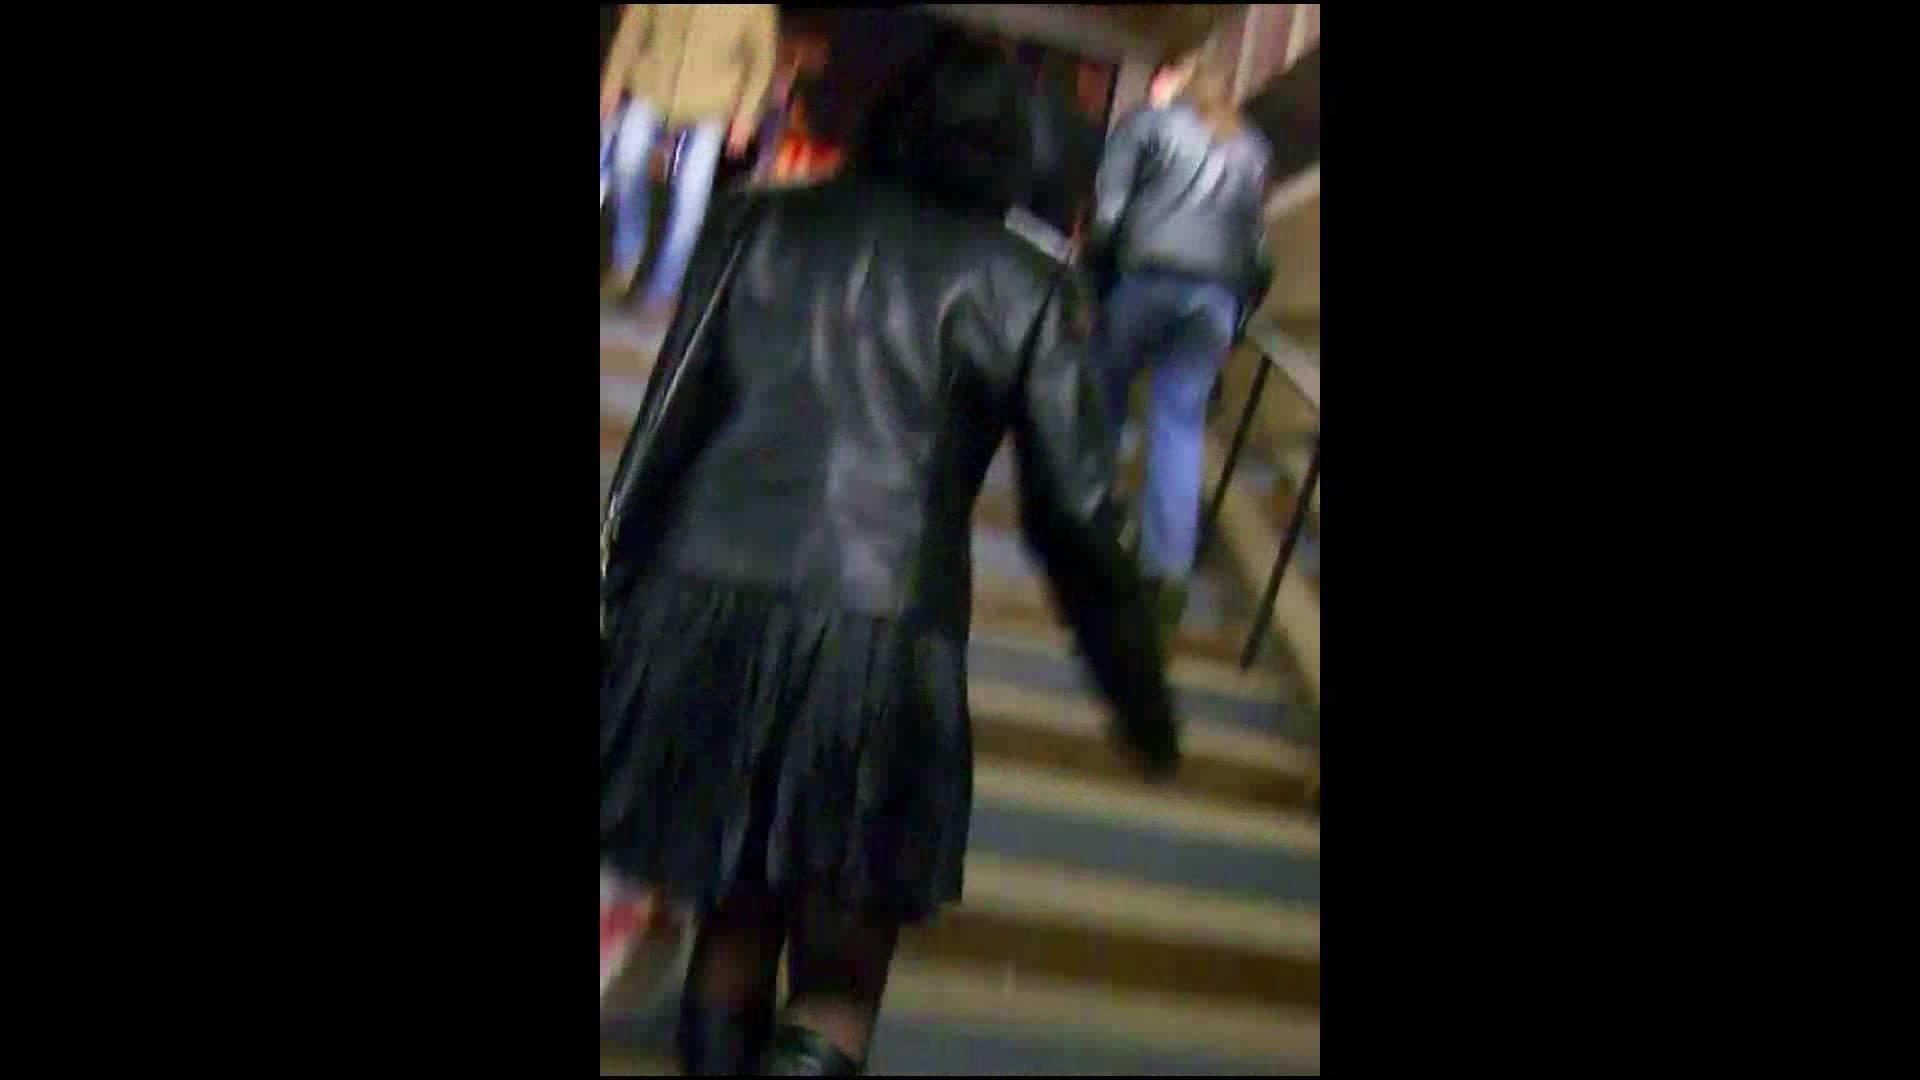 綺麗なモデルさんのスカート捲っちゃおう‼vol05 お姉さんのエロ動画   0  102PIX 41